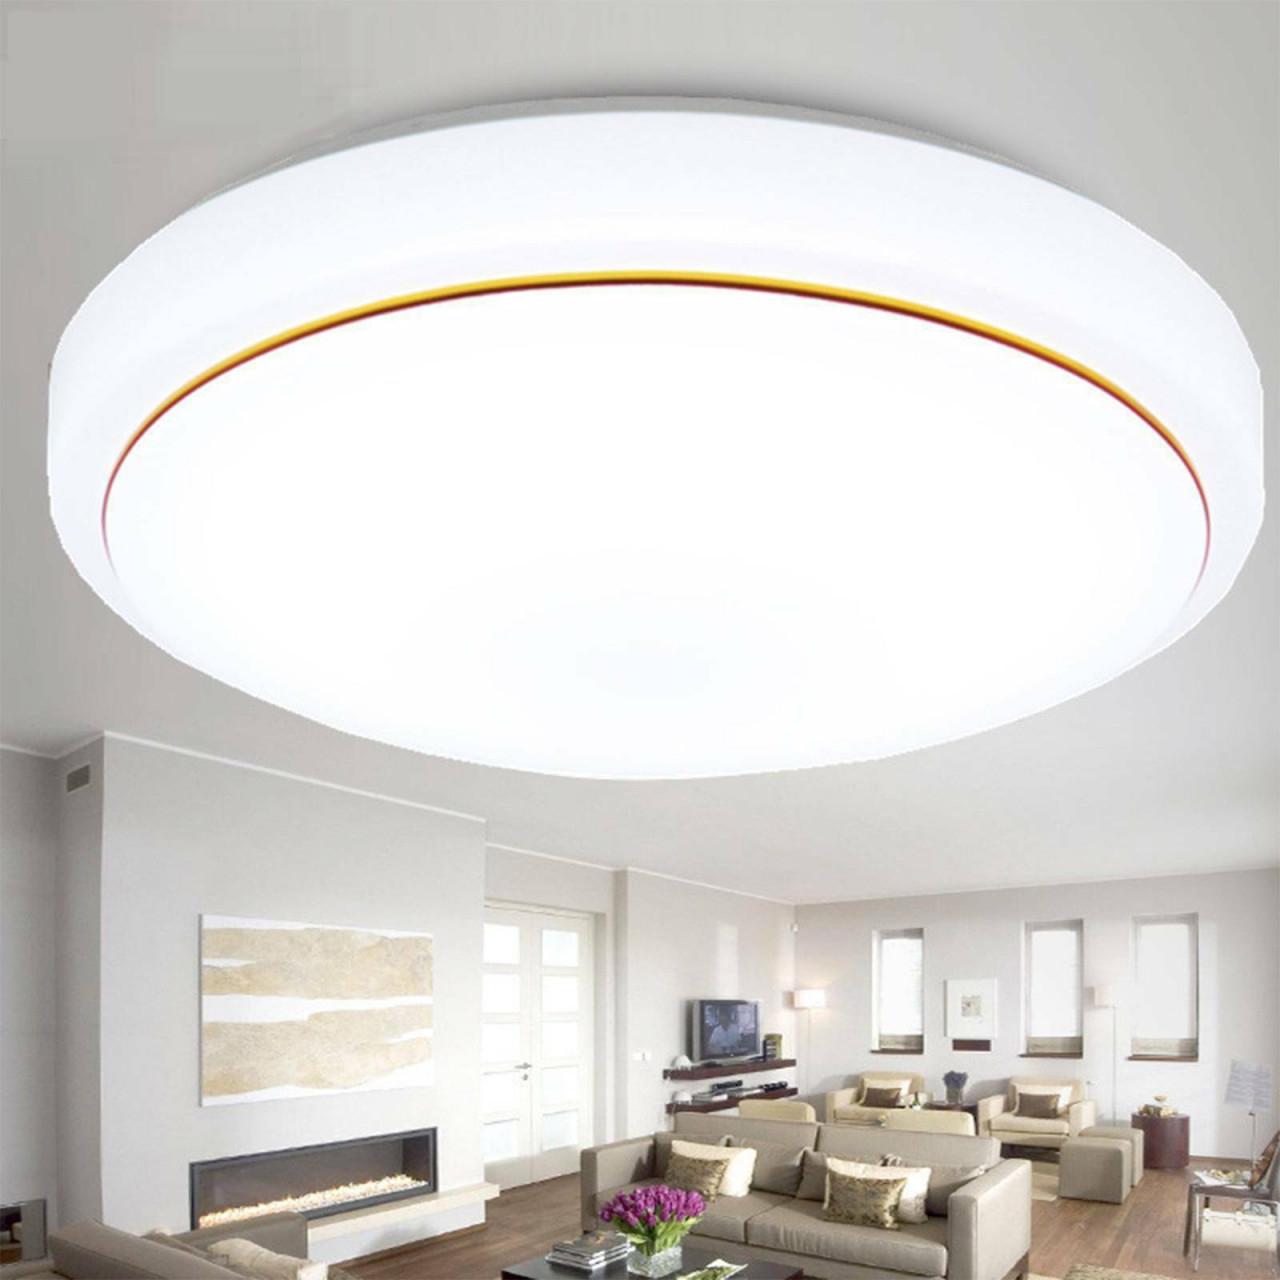 36W Led Deckenlampe Deckenleuchte Wohnzimmer Küchen Lampe Küche 40Cm Runde  Licht von Deckenleuchte Wohnzimmer Led Bild